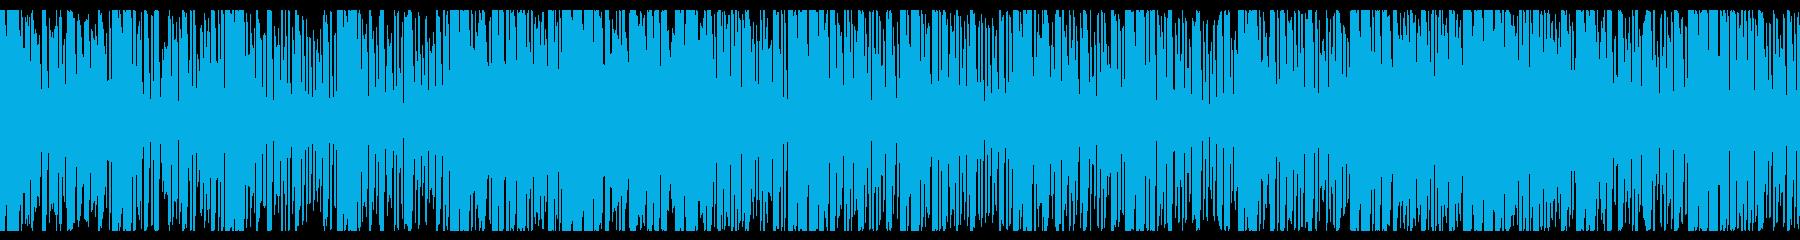 仮想通貨をイメージしたシンセ曲の再生済みの波形